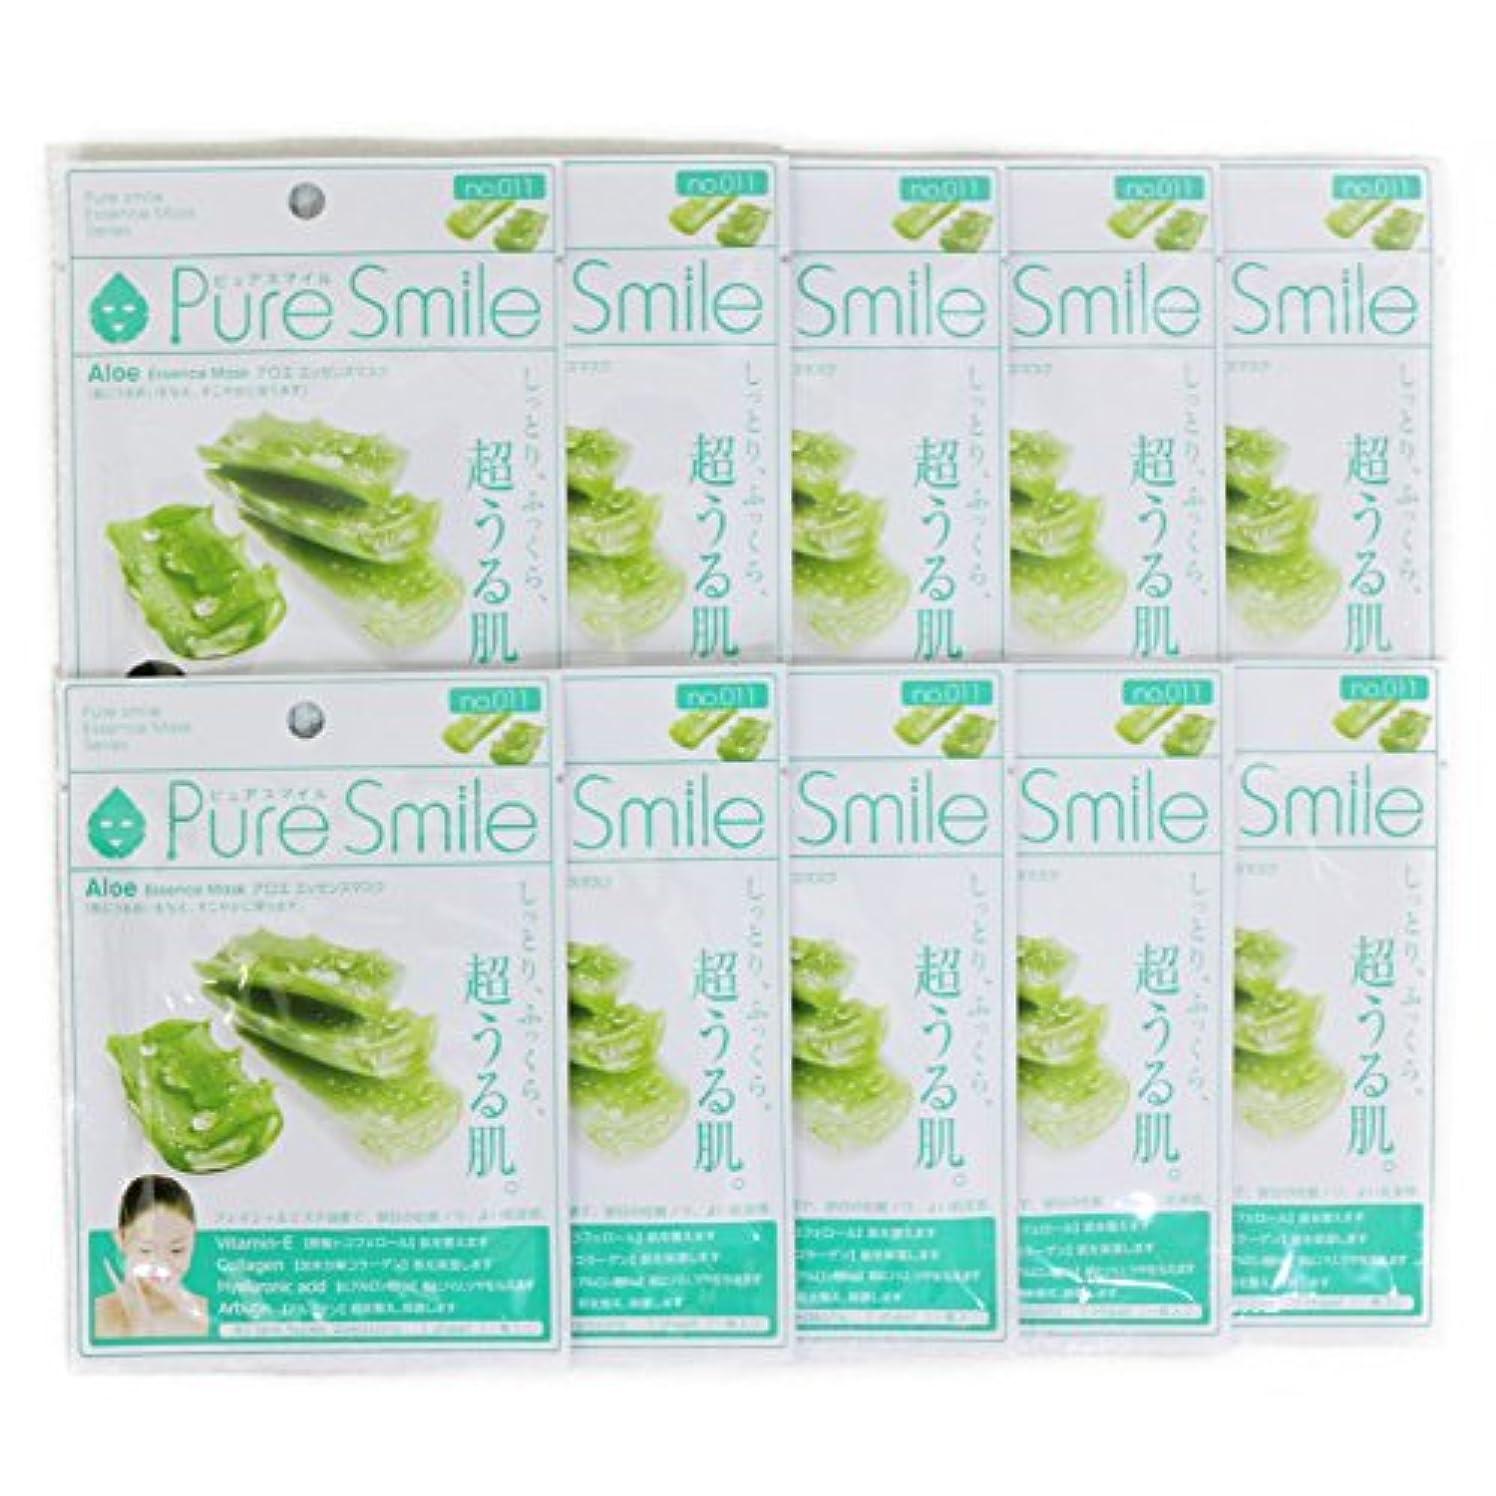 のれんスタジオ責任者Pure Smile ピュアスマイル エッセンスマスク アロエ 10枚セット